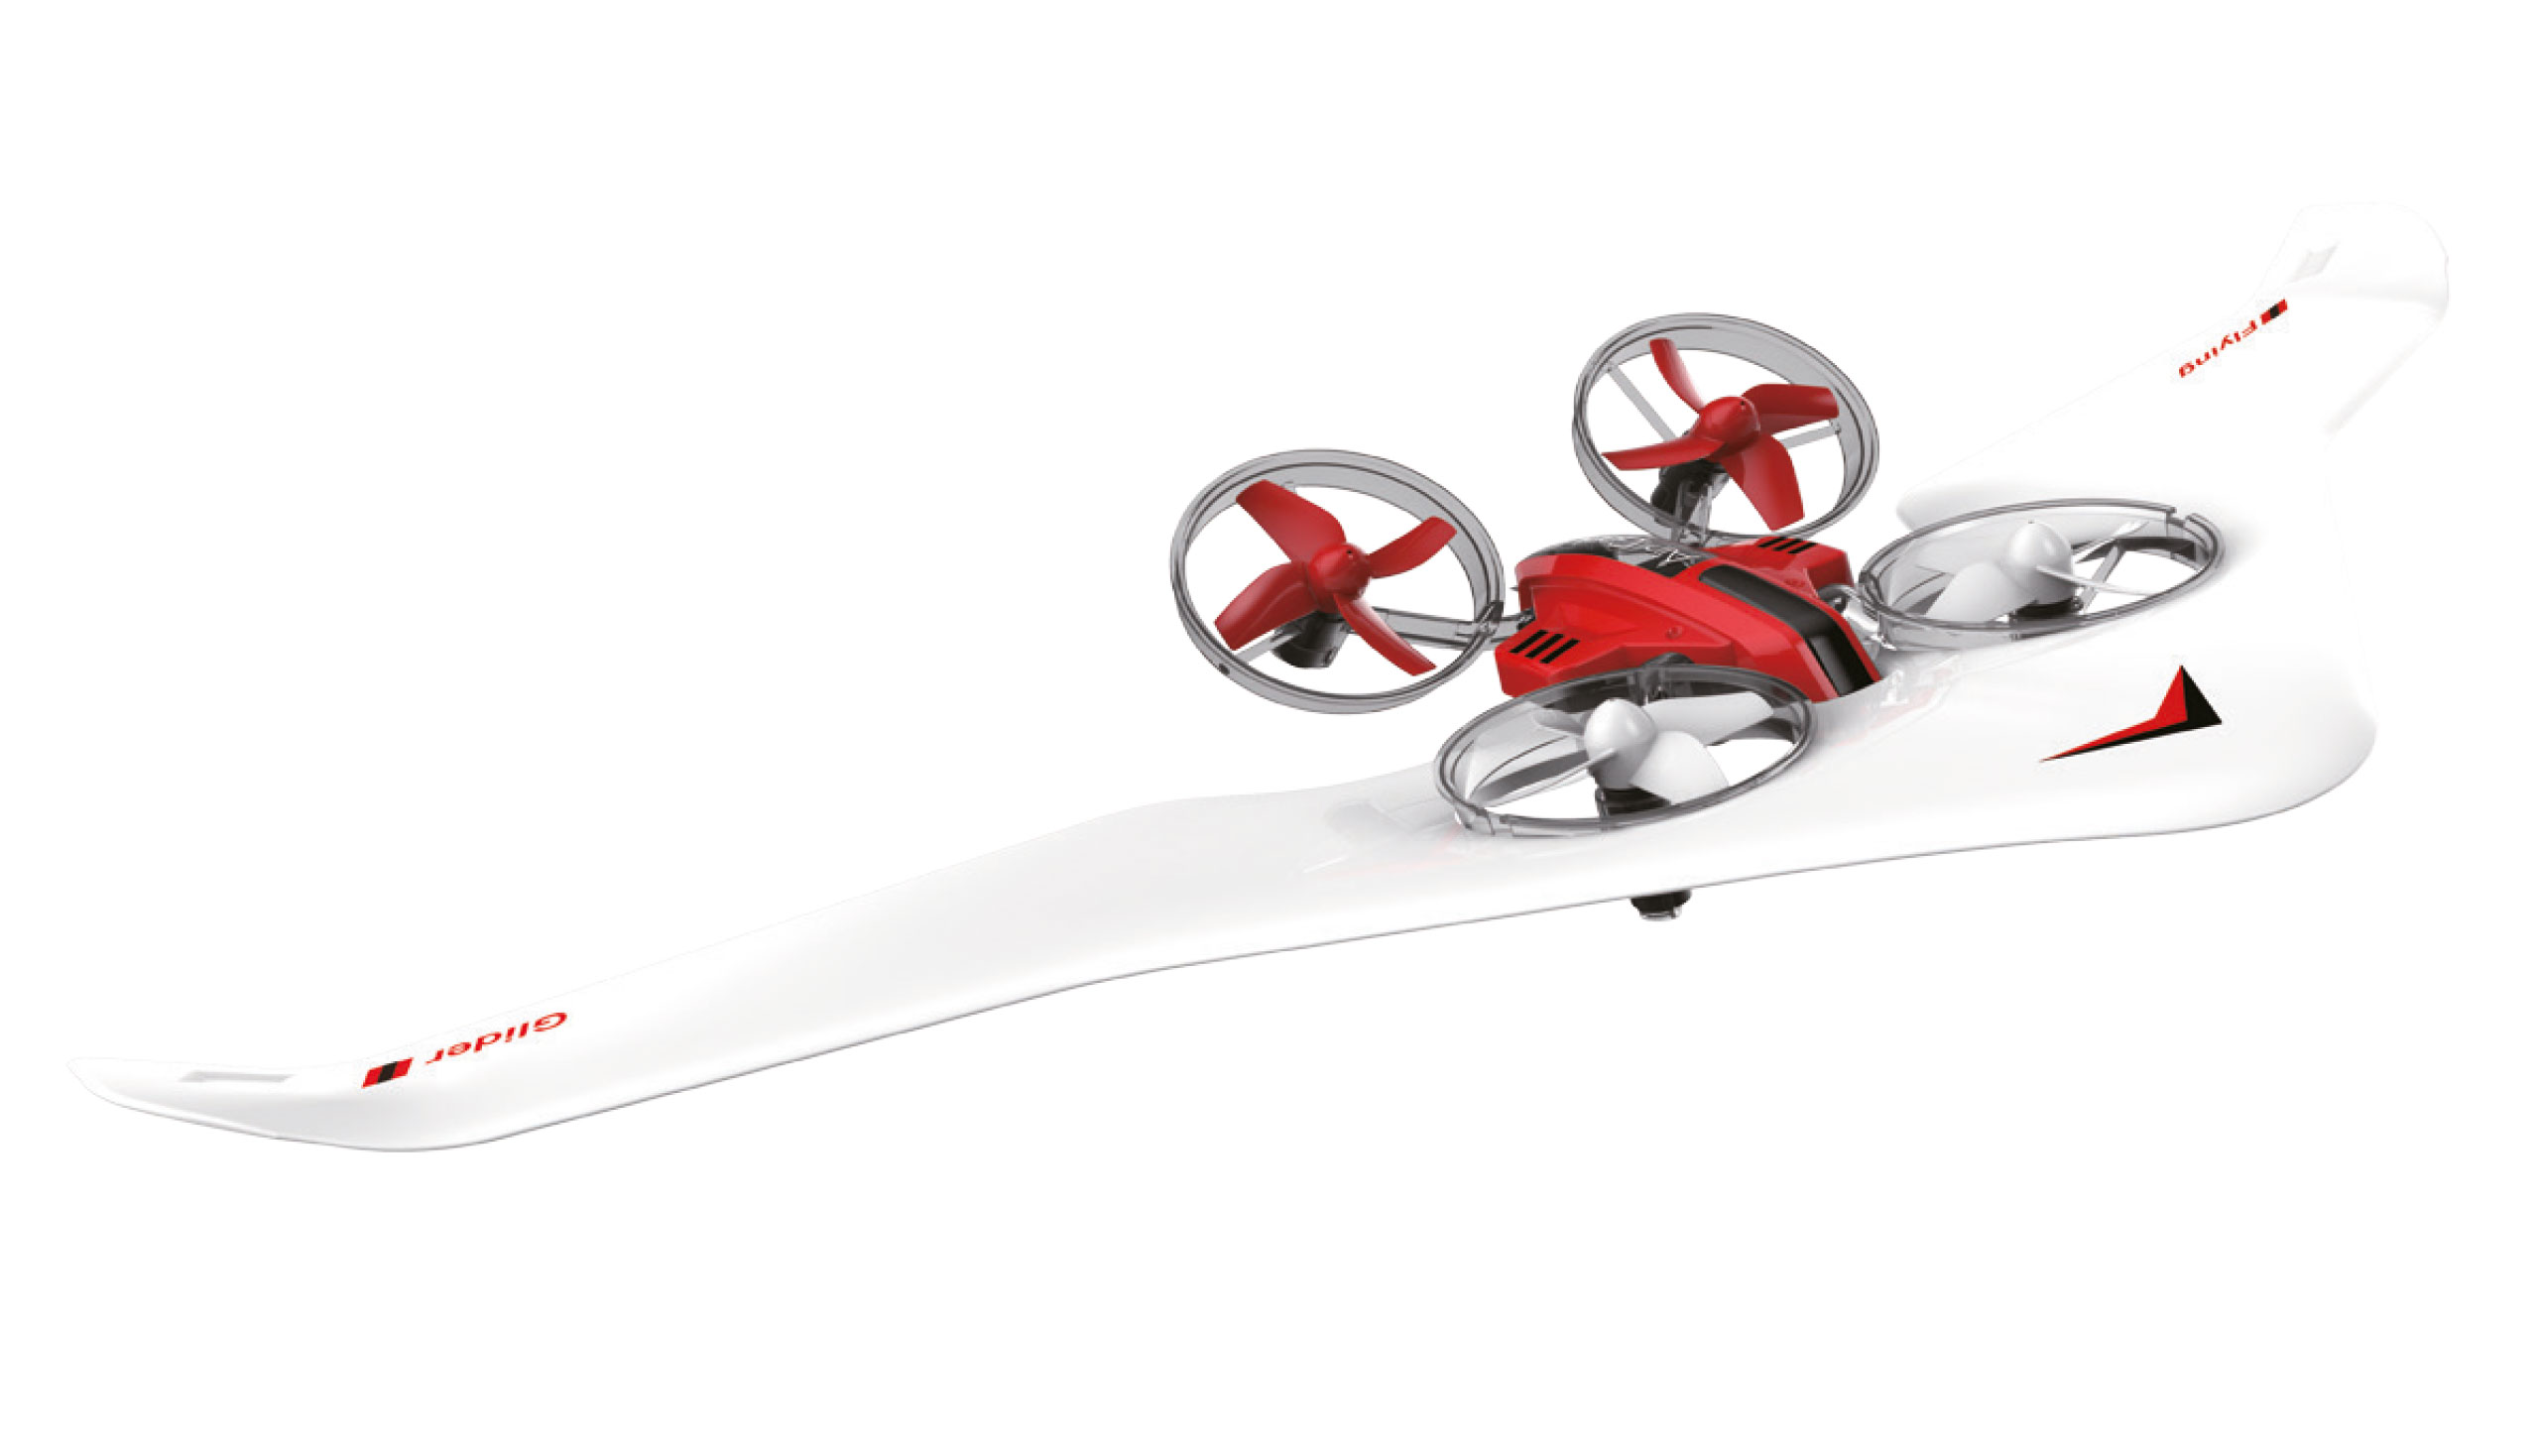 Air Genius All-in-one, dron, kluzák a vznášedlo v jednom, gyro, headless, RTF